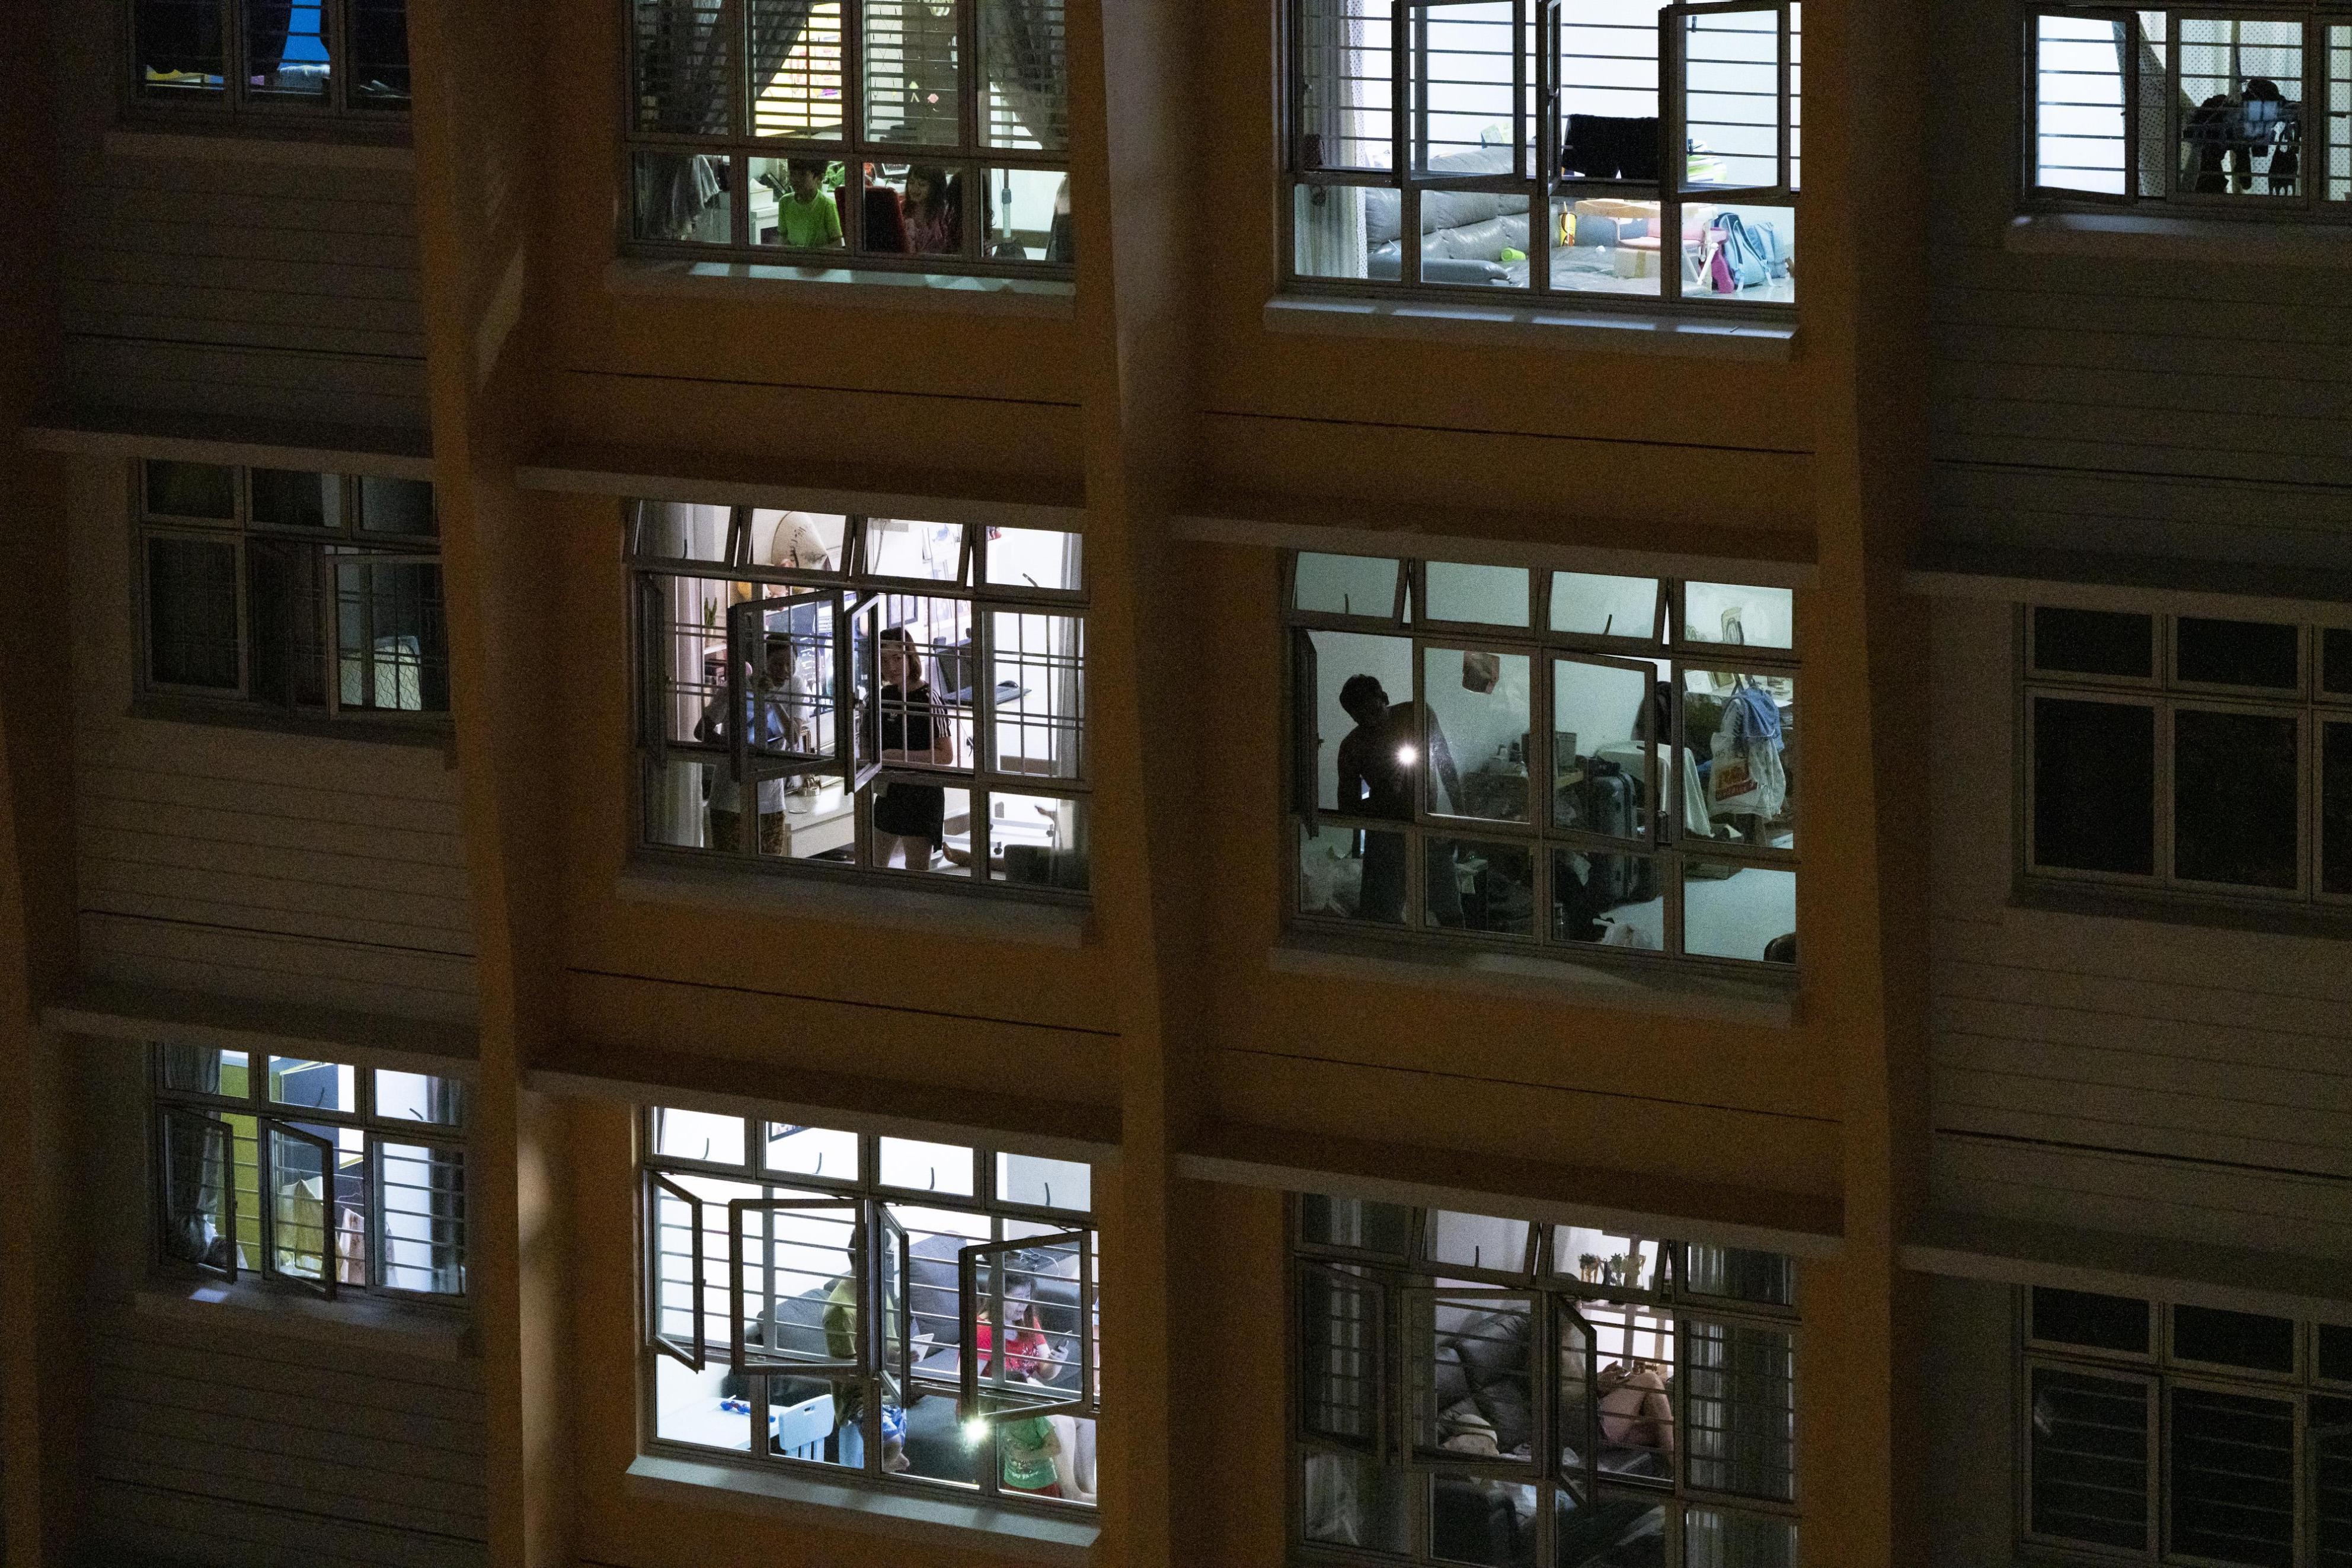 窓辺に集まって歌う住人たち=25日、シンガポール(ゲッティ=共同)